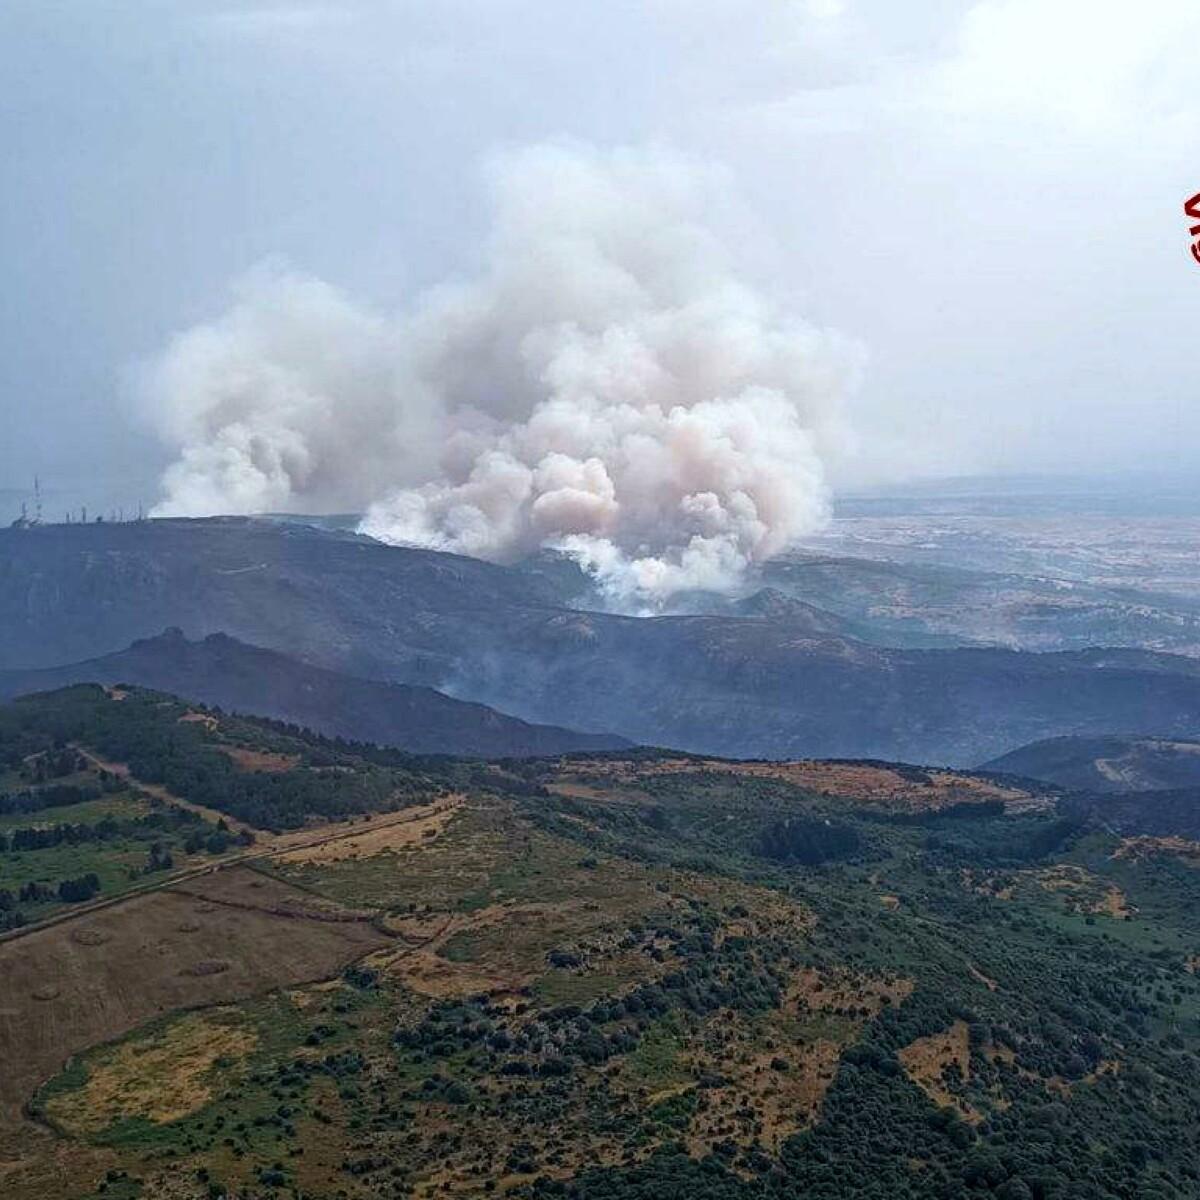 Inferno in Sardegna: ci vorranno decenni per recuperare l'ambiente